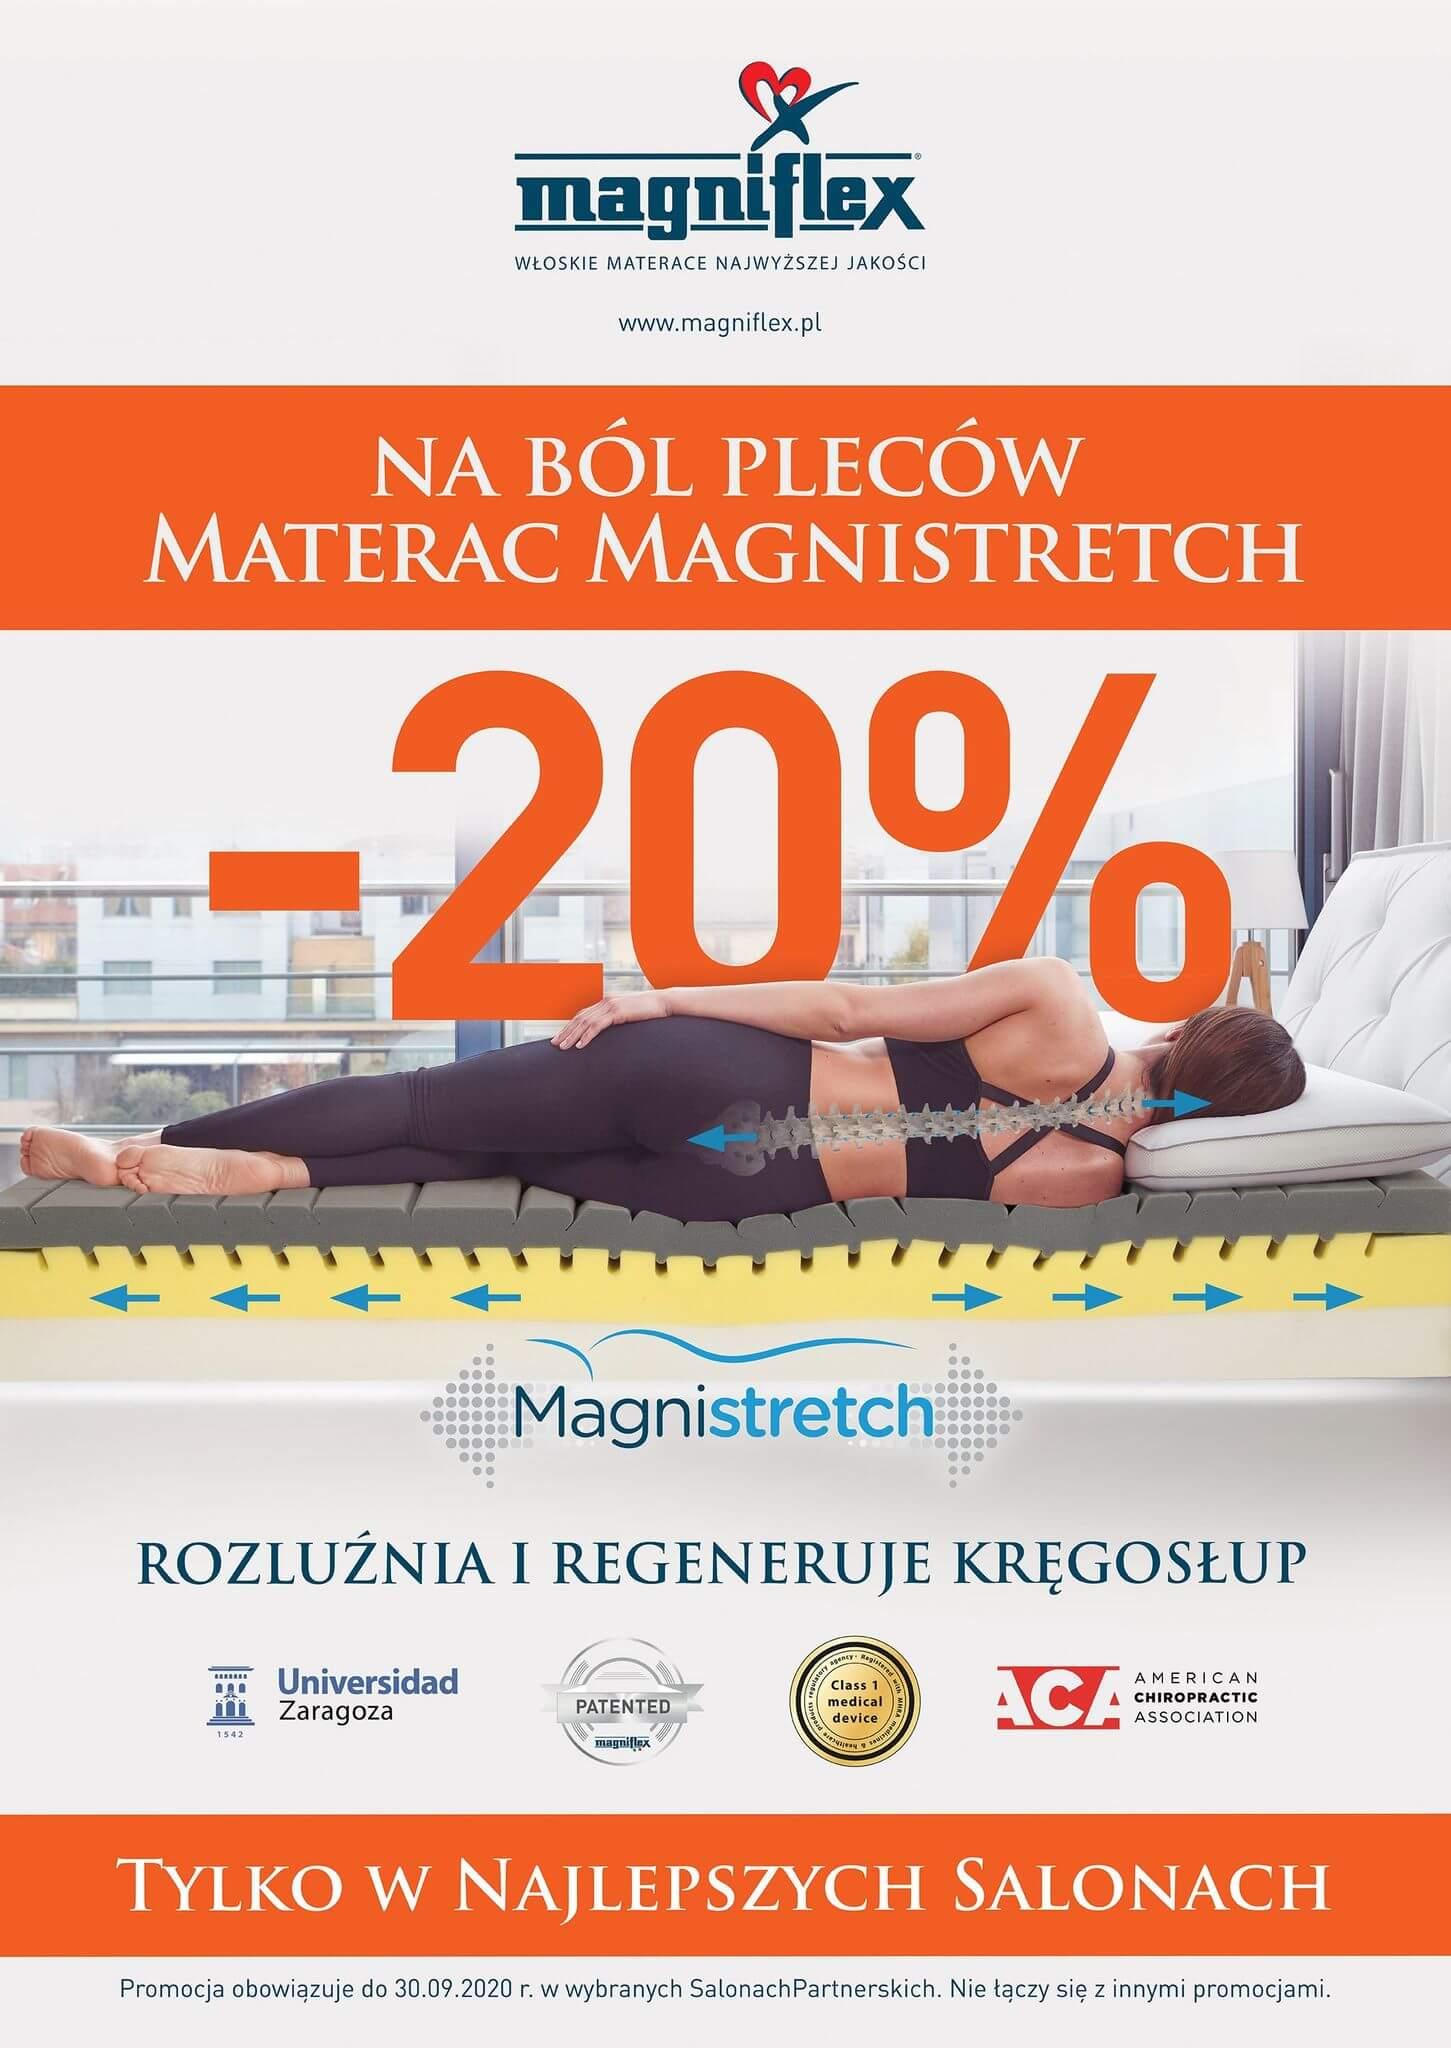 Magnistretch-magniflex-włoskie-materace-piankowe-do-spania-promocja-wrzesień-2020